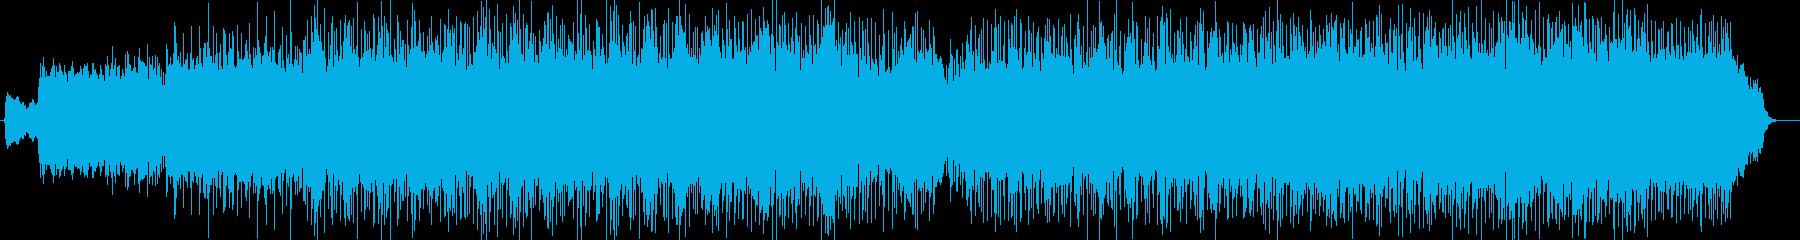 明るくキラキラ感のあるシンセサウンドの再生済みの波形